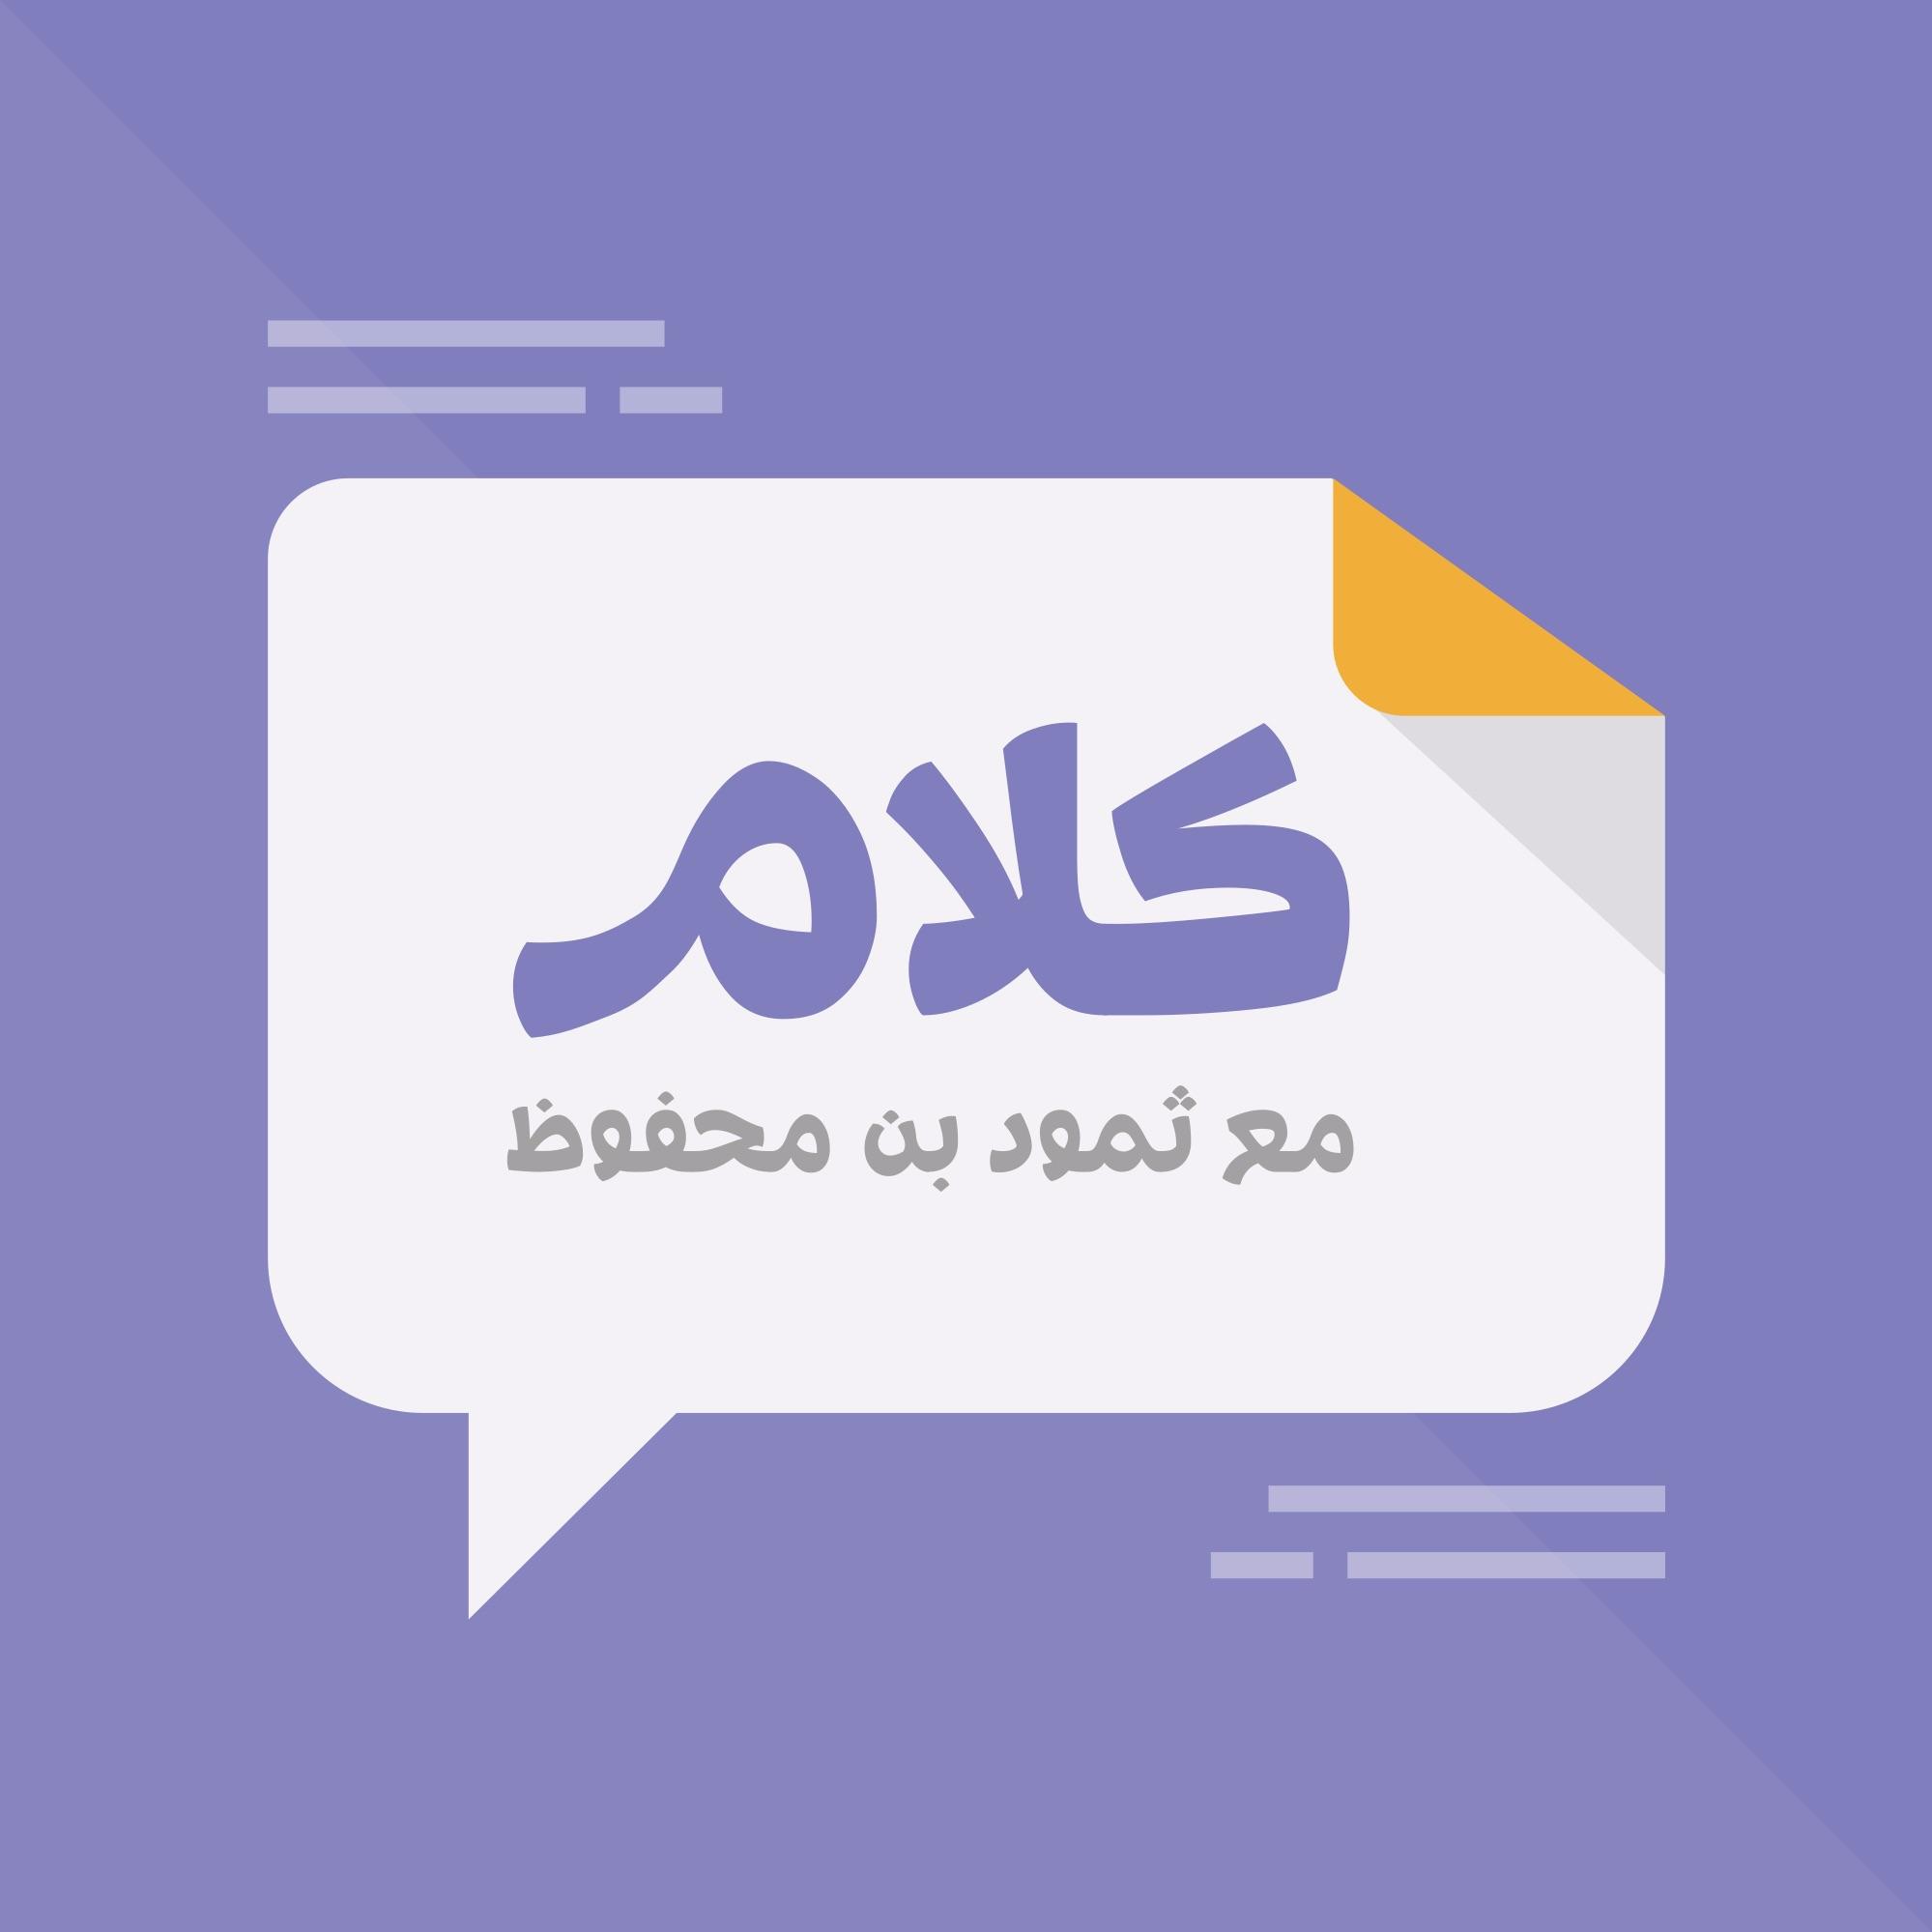 كلام 67: محمد العشماوي من كلاسيرا